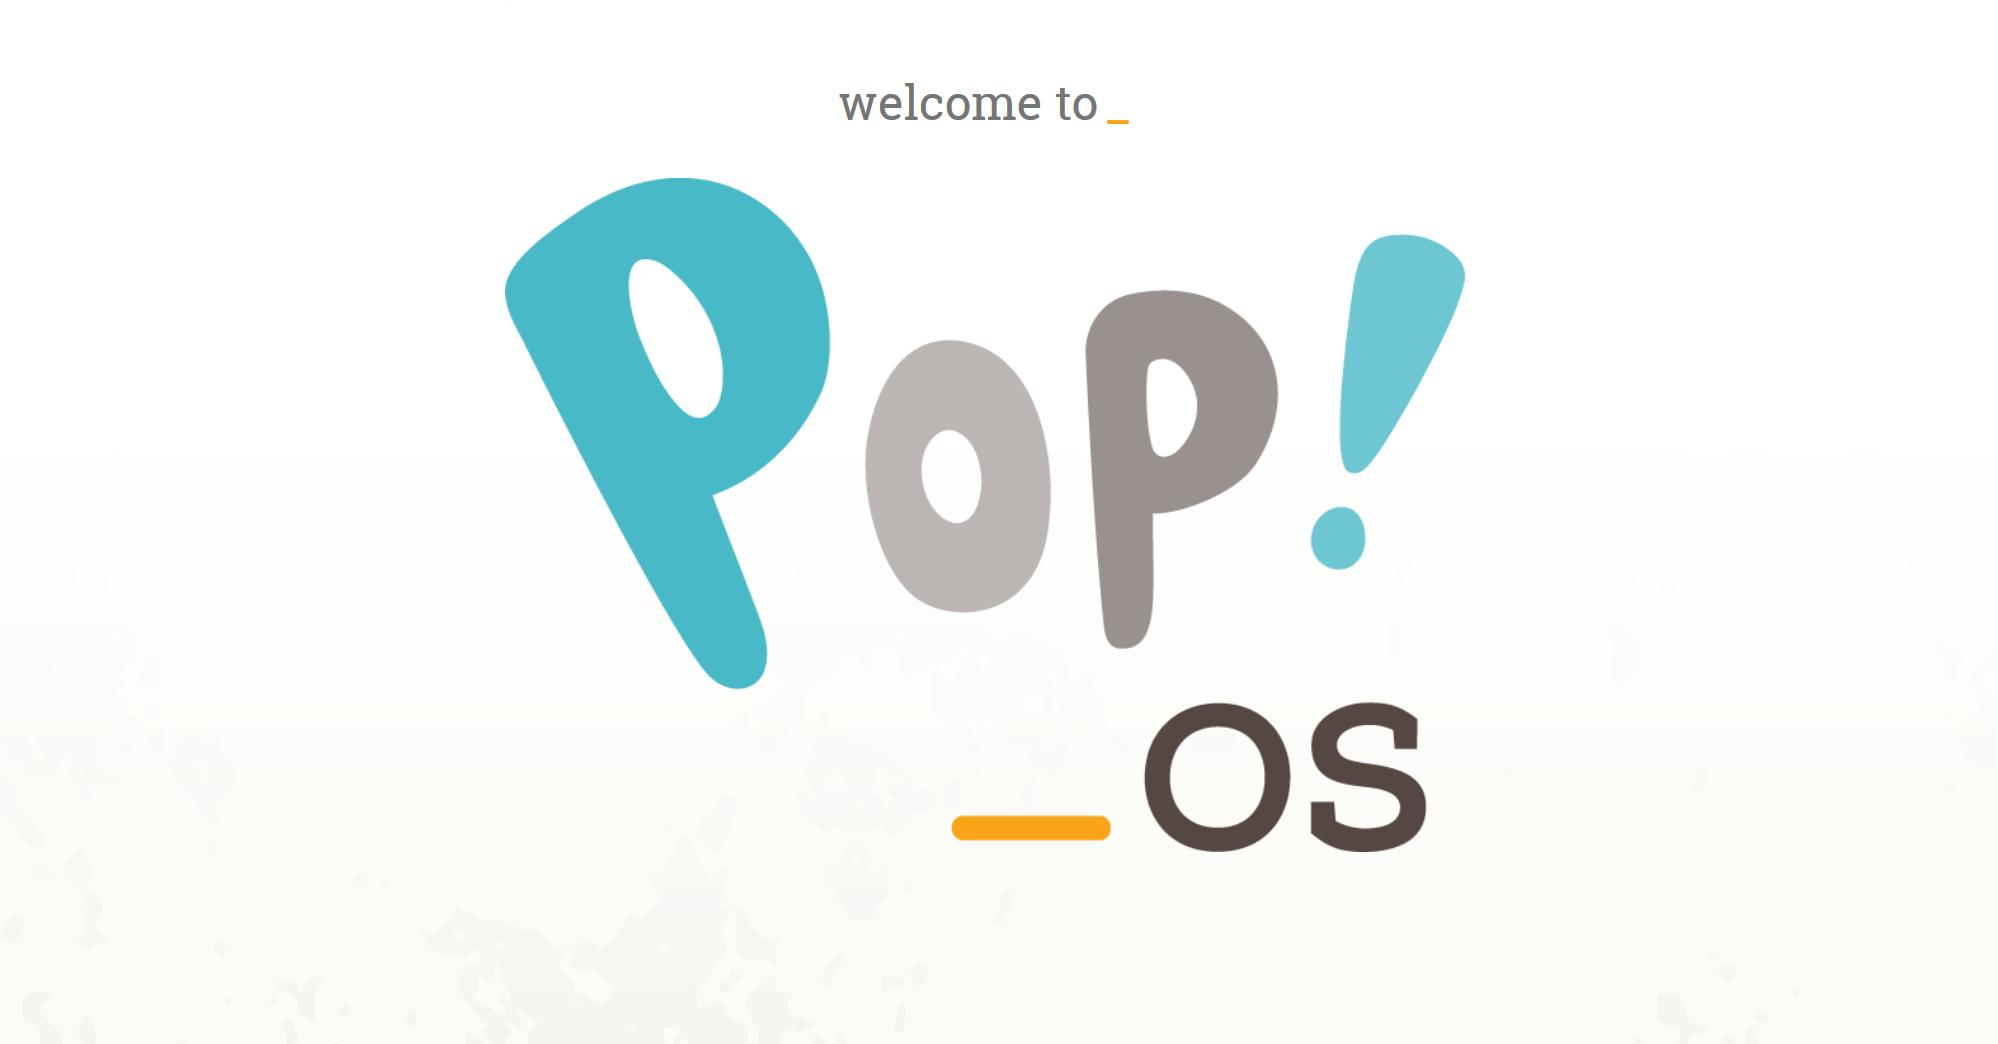 Pop!_OS 19.10